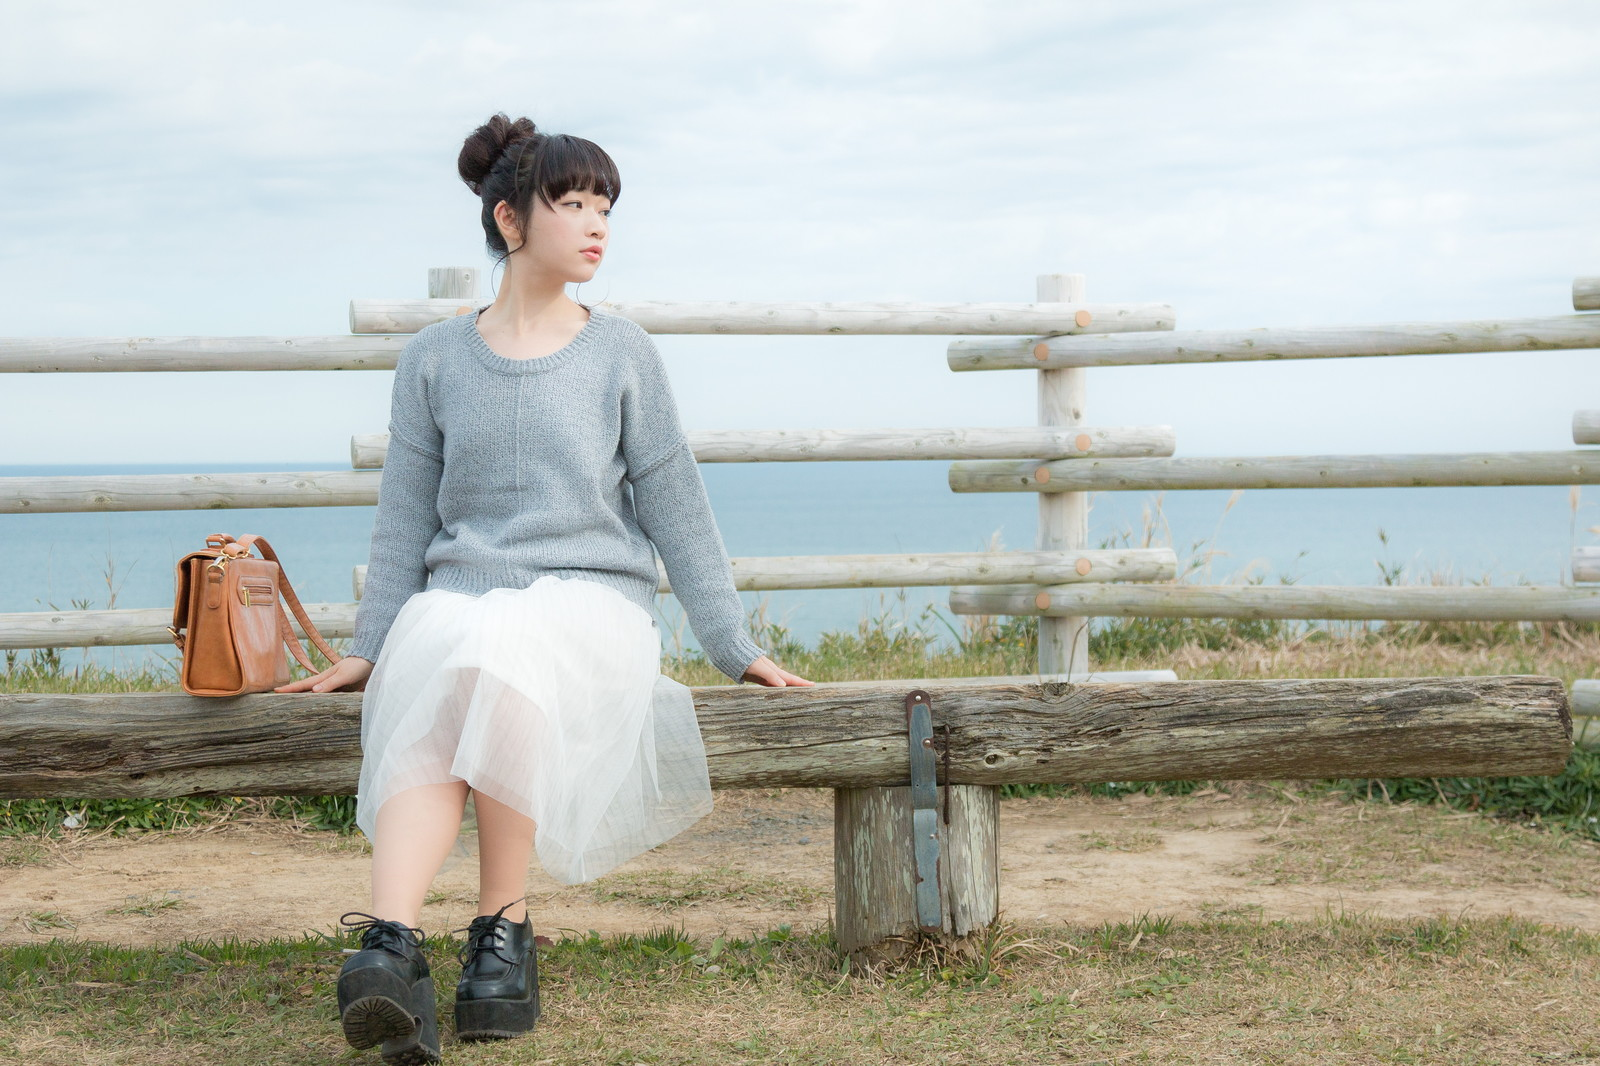 「海が一望できる岬のベンチに座る若い女性」の写真[モデル:渡辺友美子]